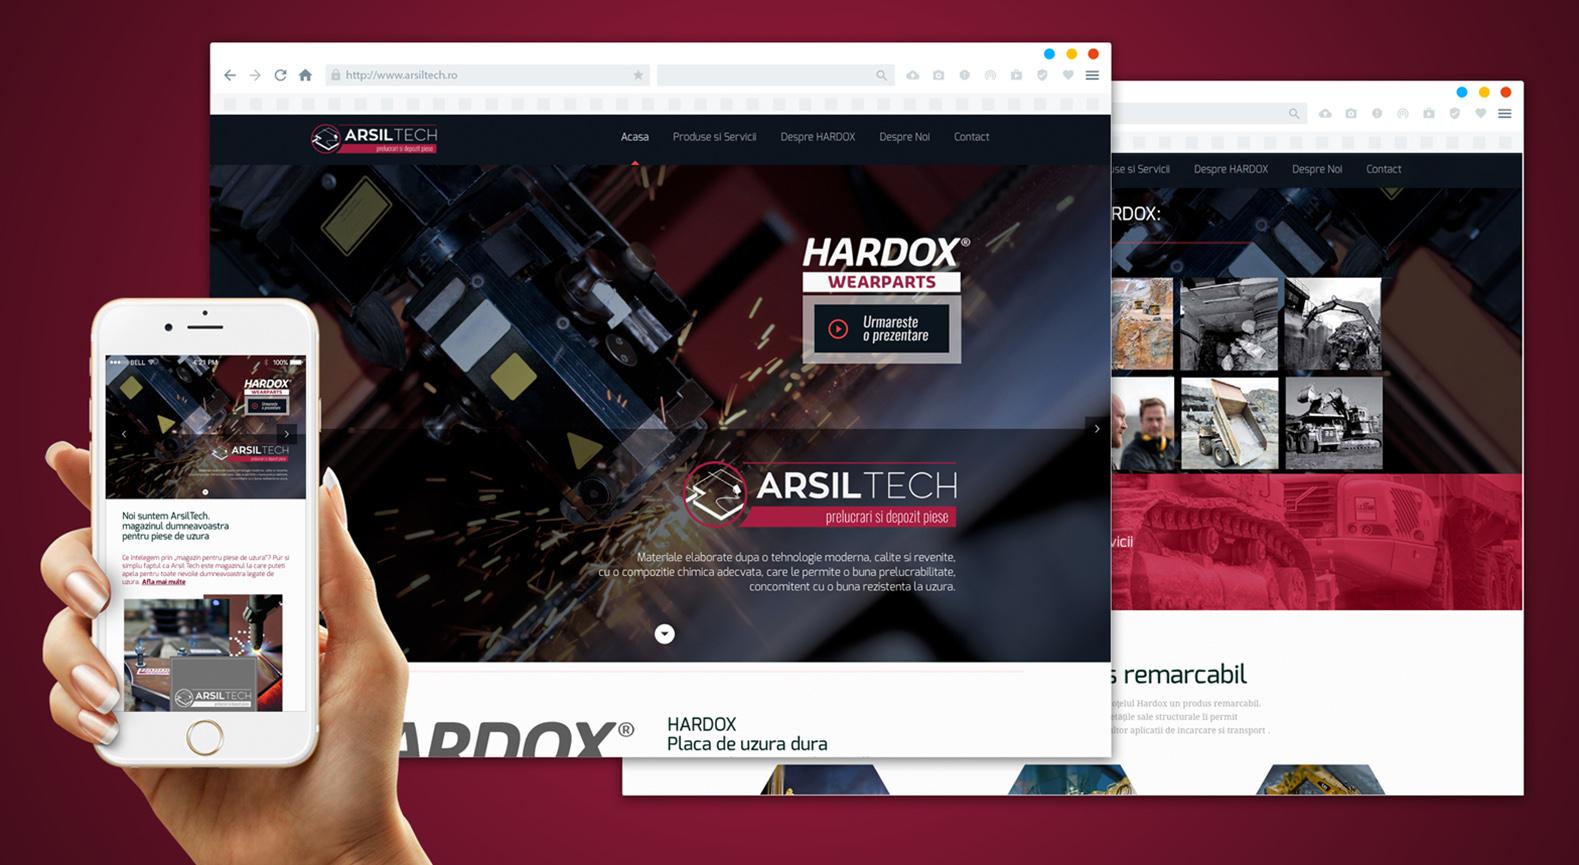 tudor_deleanu_creative_design_art_advertising_web_website__0014_Arsiltech